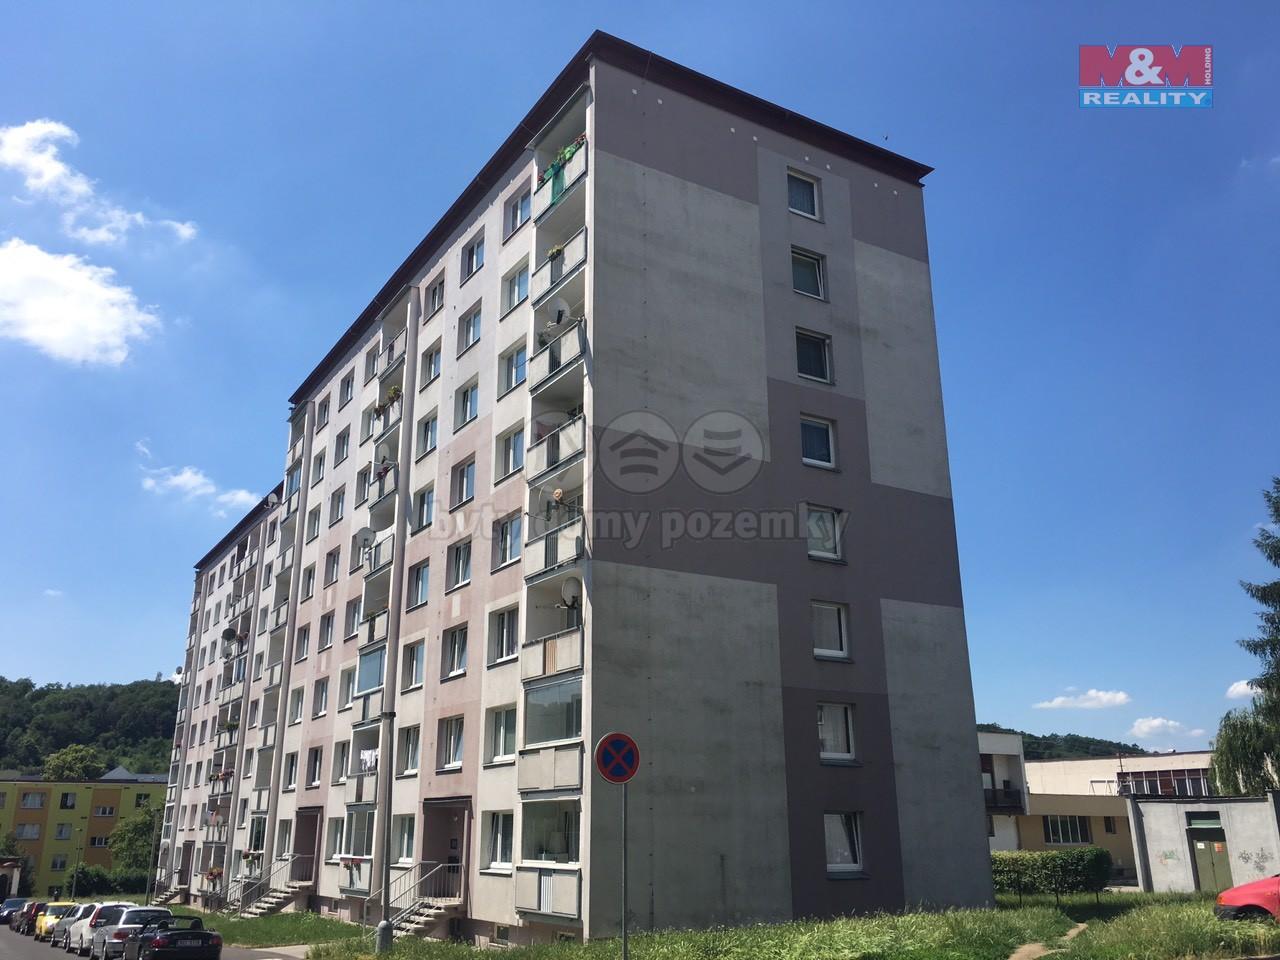 Prodej, byt 1+1, 33 m2, OV, Ústí nad Labem, ul. 17.listopadu